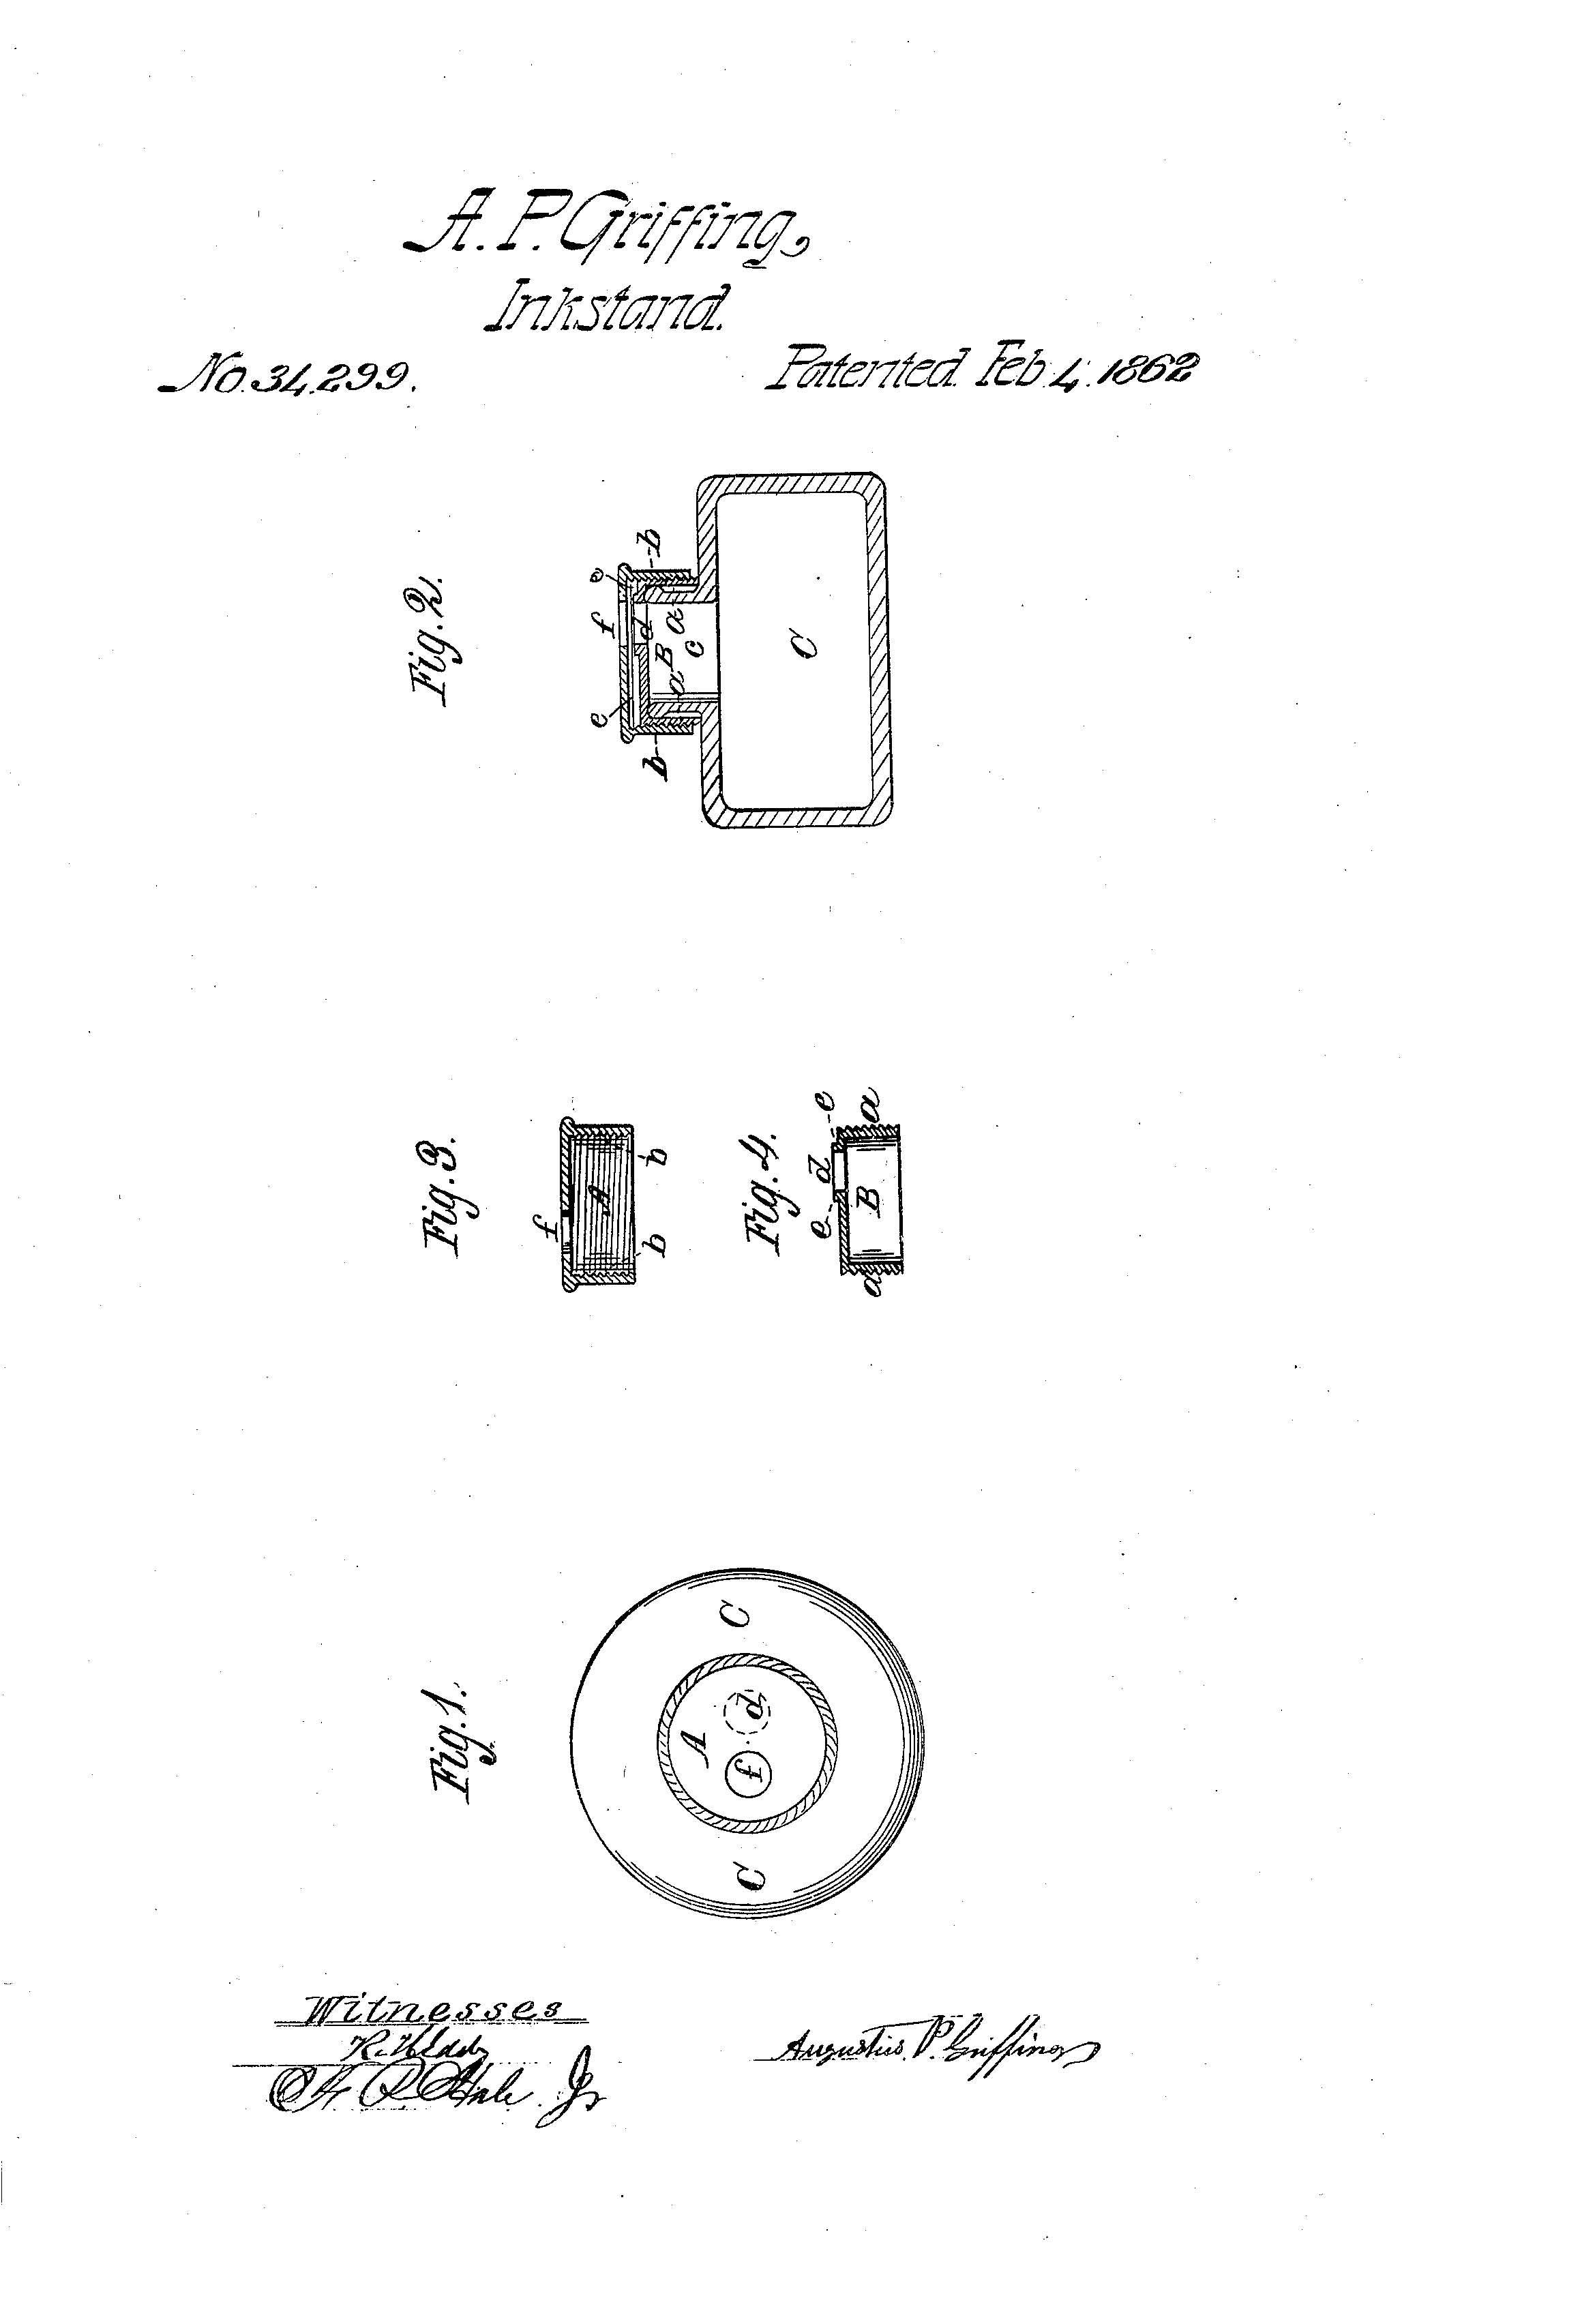 Griffen Patent Inkstand